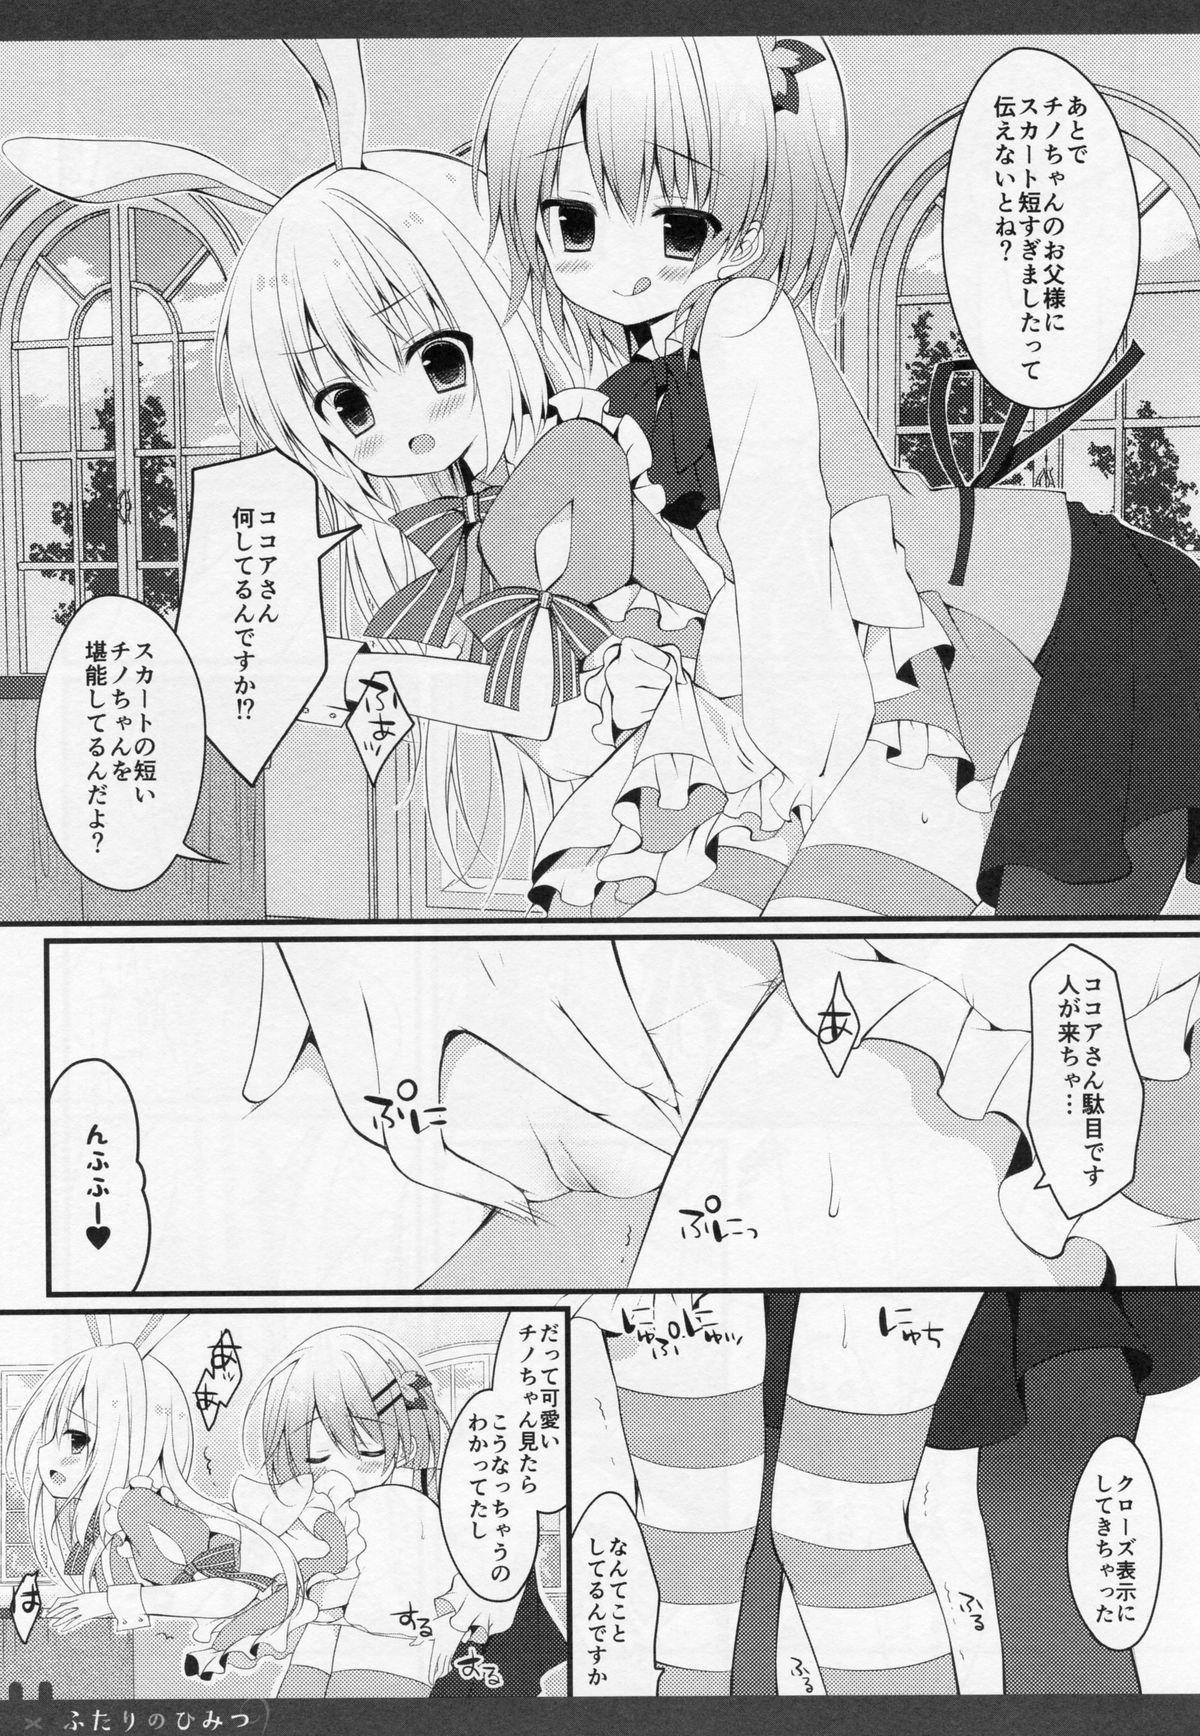 Futari no Himitsu 2 5